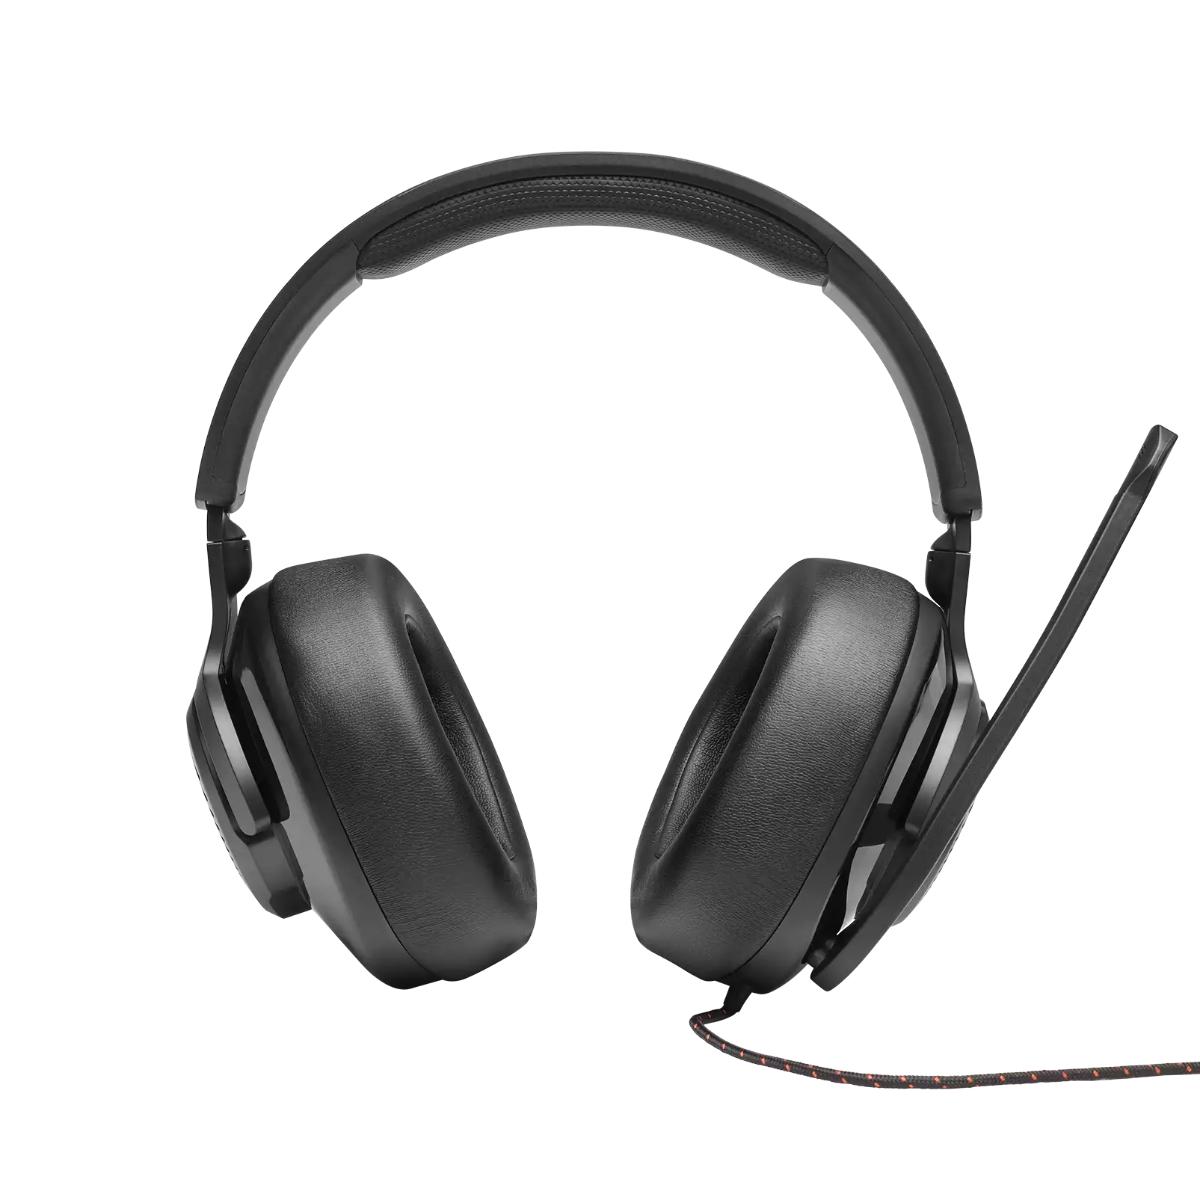 אוזניות גיימינג  QUANTUM 300 שחור JBL